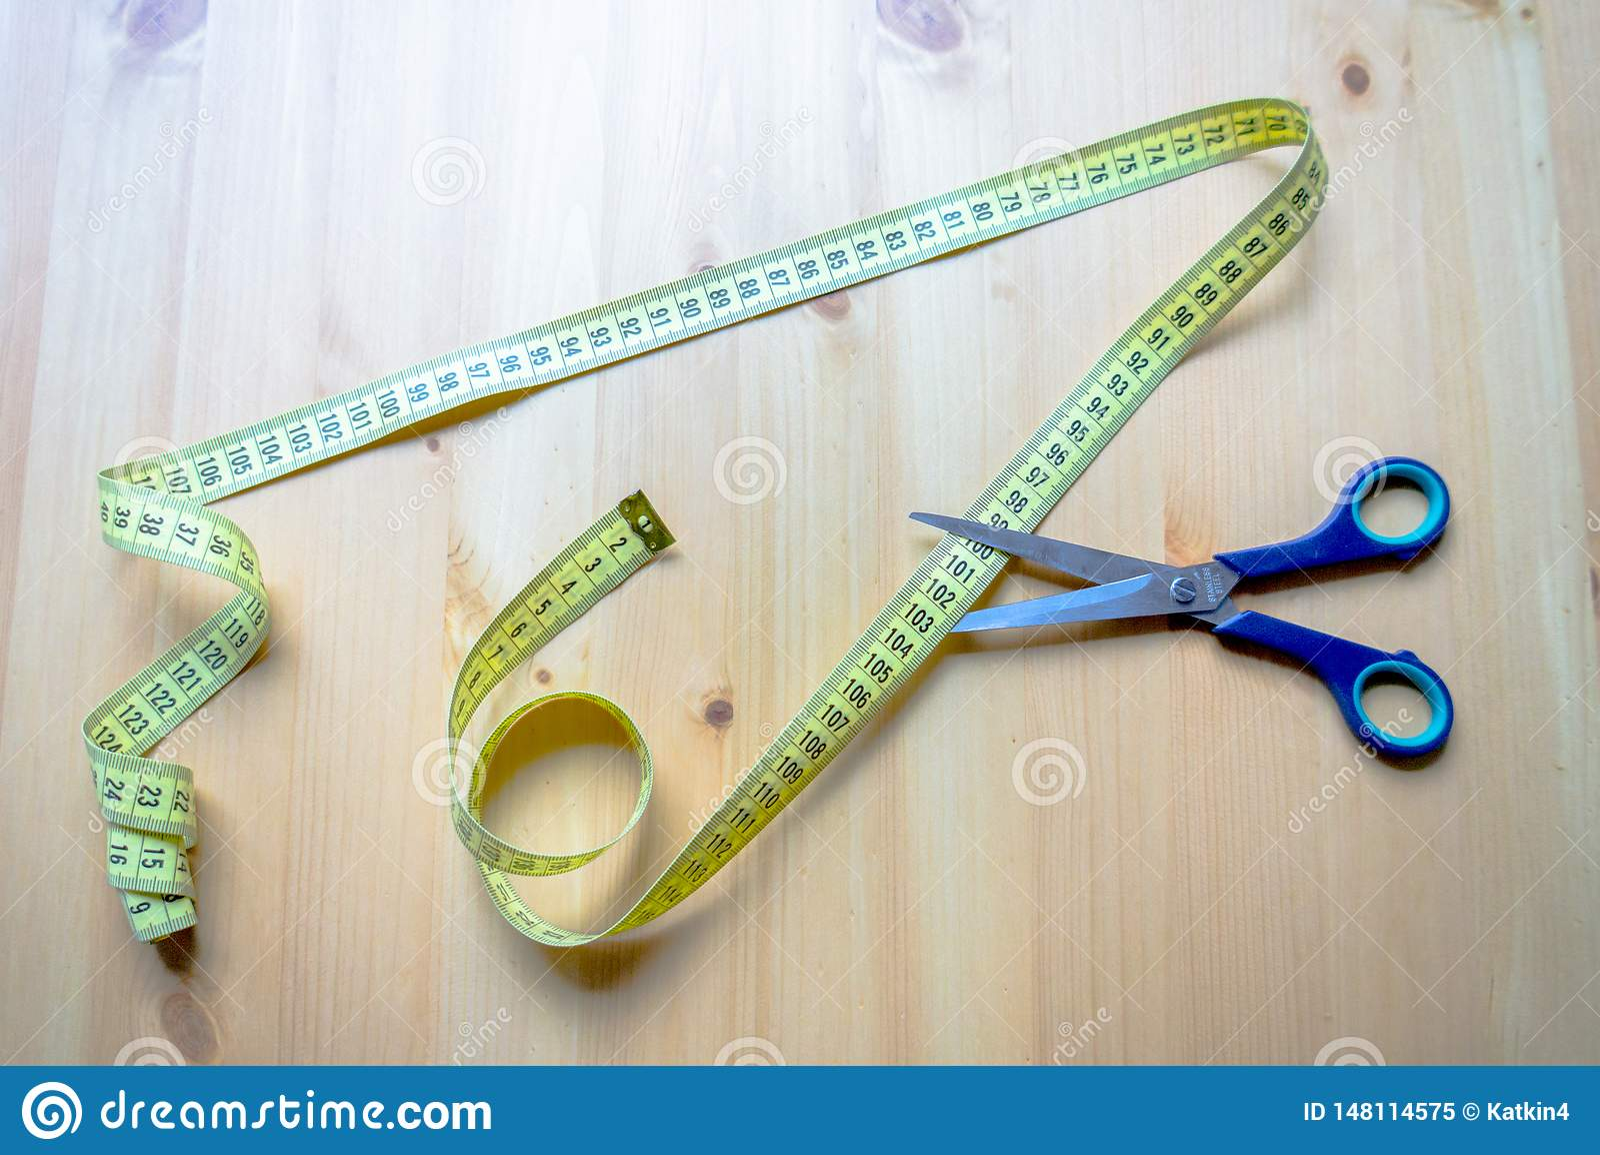 Messendes Band und Scheren, die auf einem Holztisch liegen